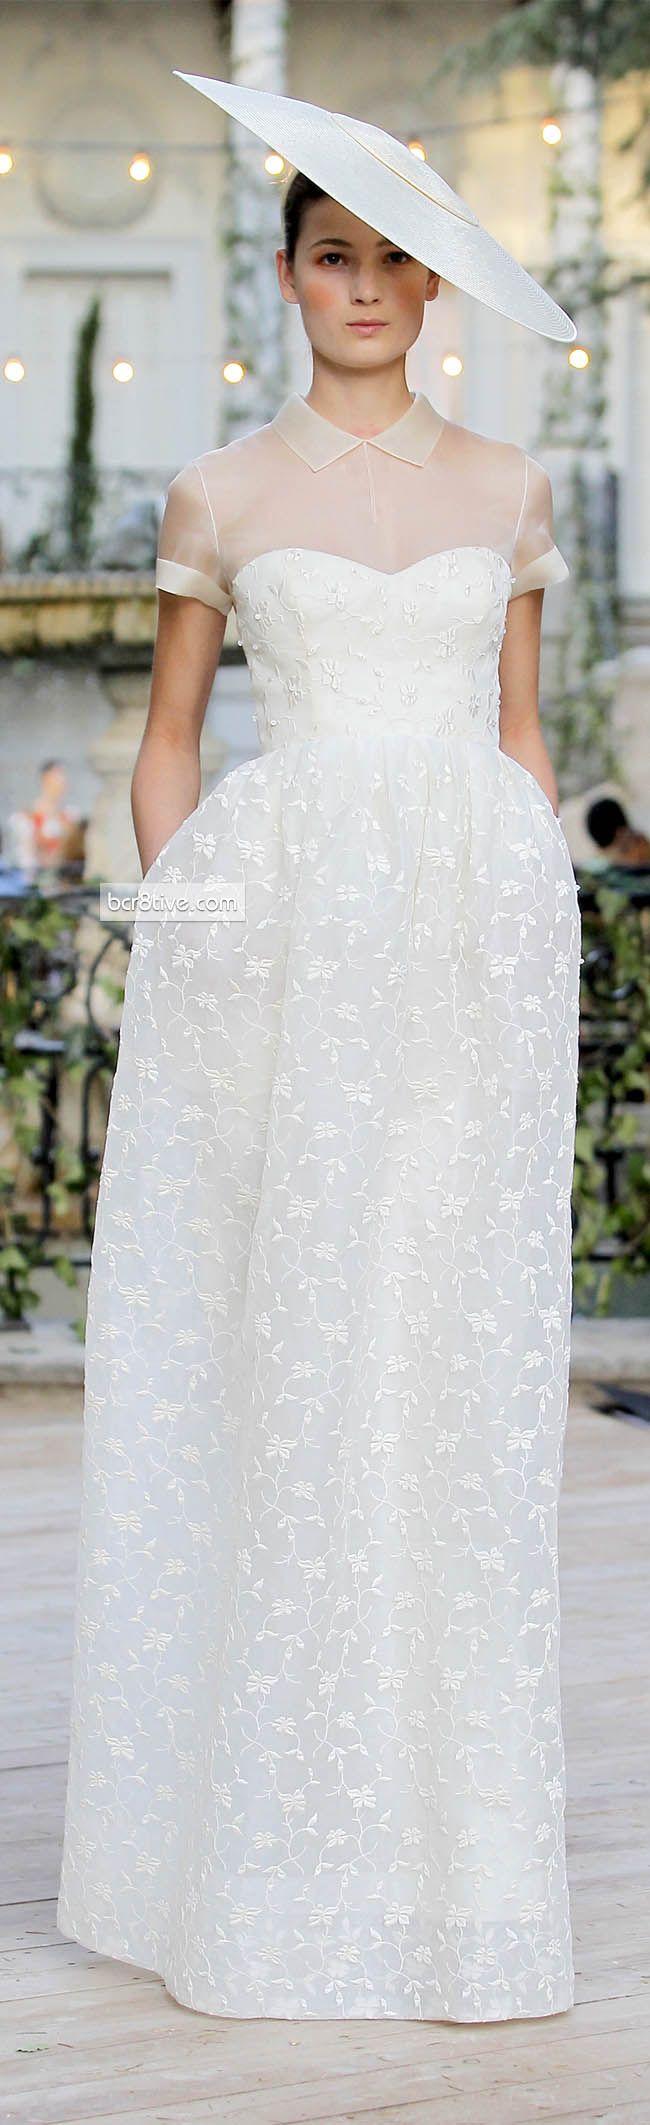 Jesus Del Pozo SS 2013 Un vestido de novia diferente y muy elegante. Escote corazón y transparencias. #mylovelyweddingday